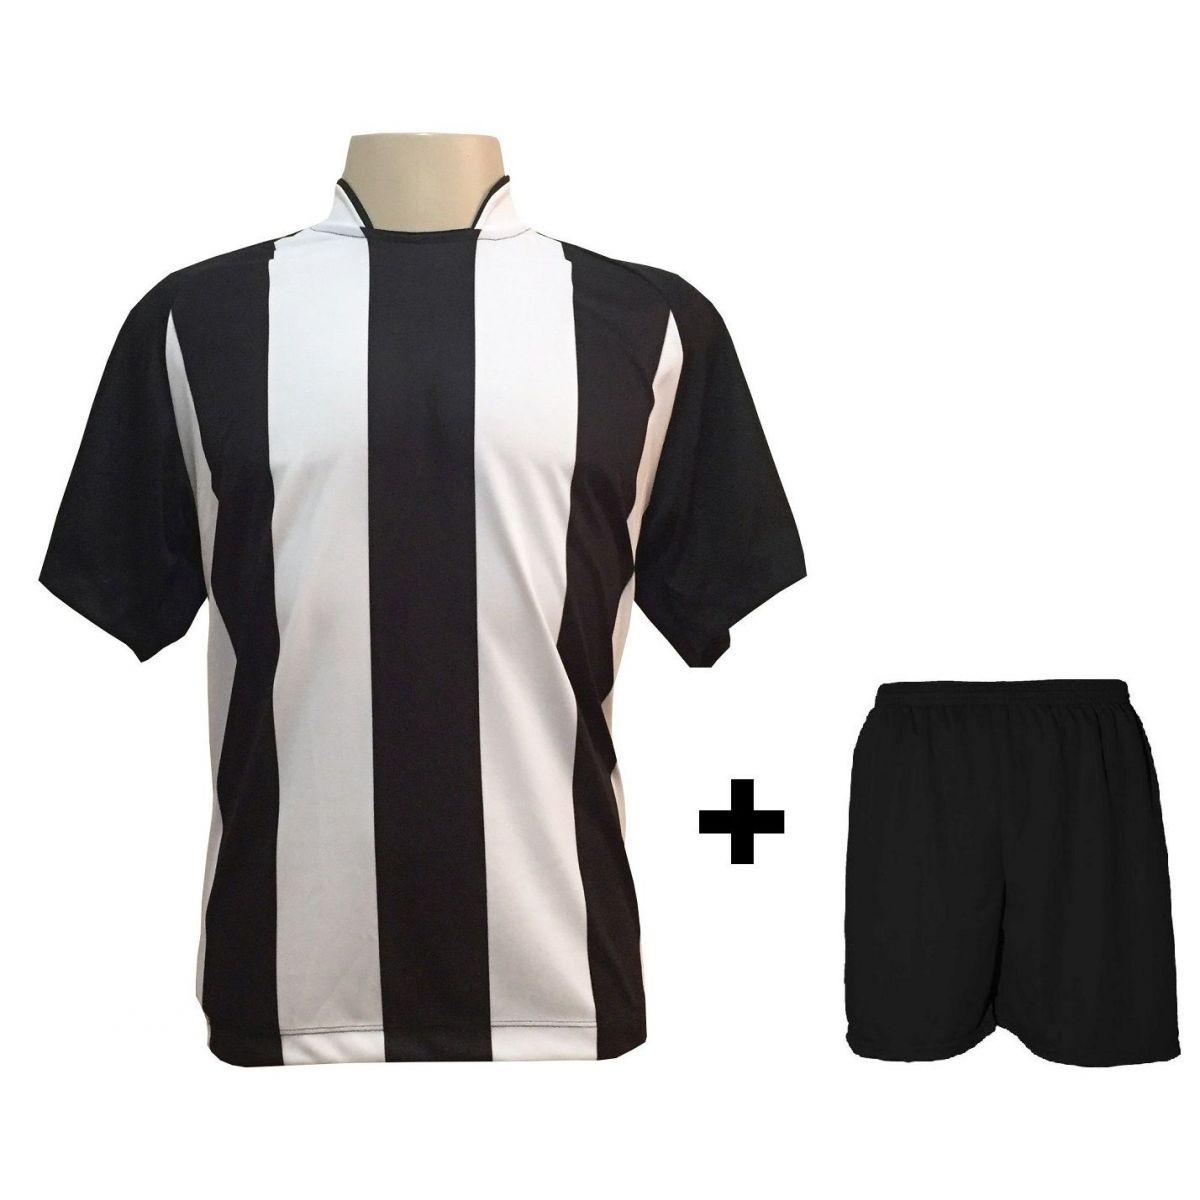 Uniforme Esportivo com 12 camisas modelo Milan Preto/Branco + 12 calções modelo Madrid Preto + Brindes